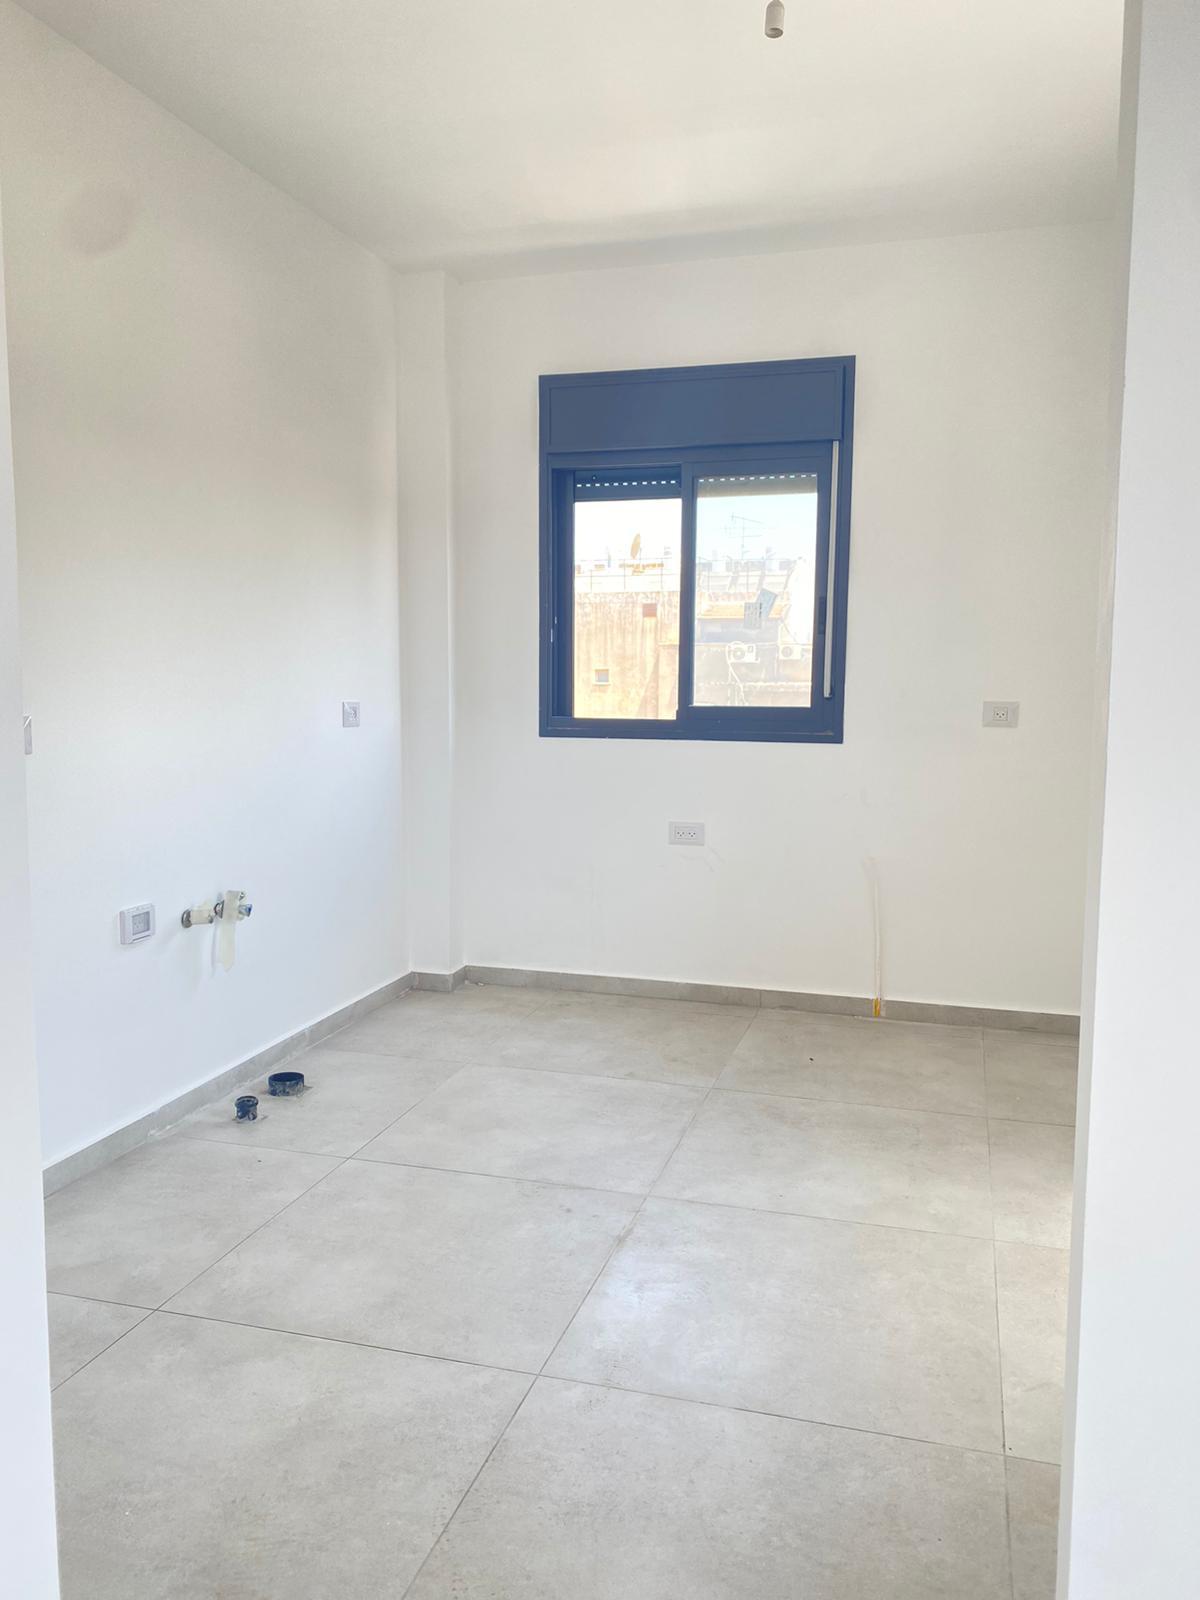 תוכנית הדירה לנכס מספר 7